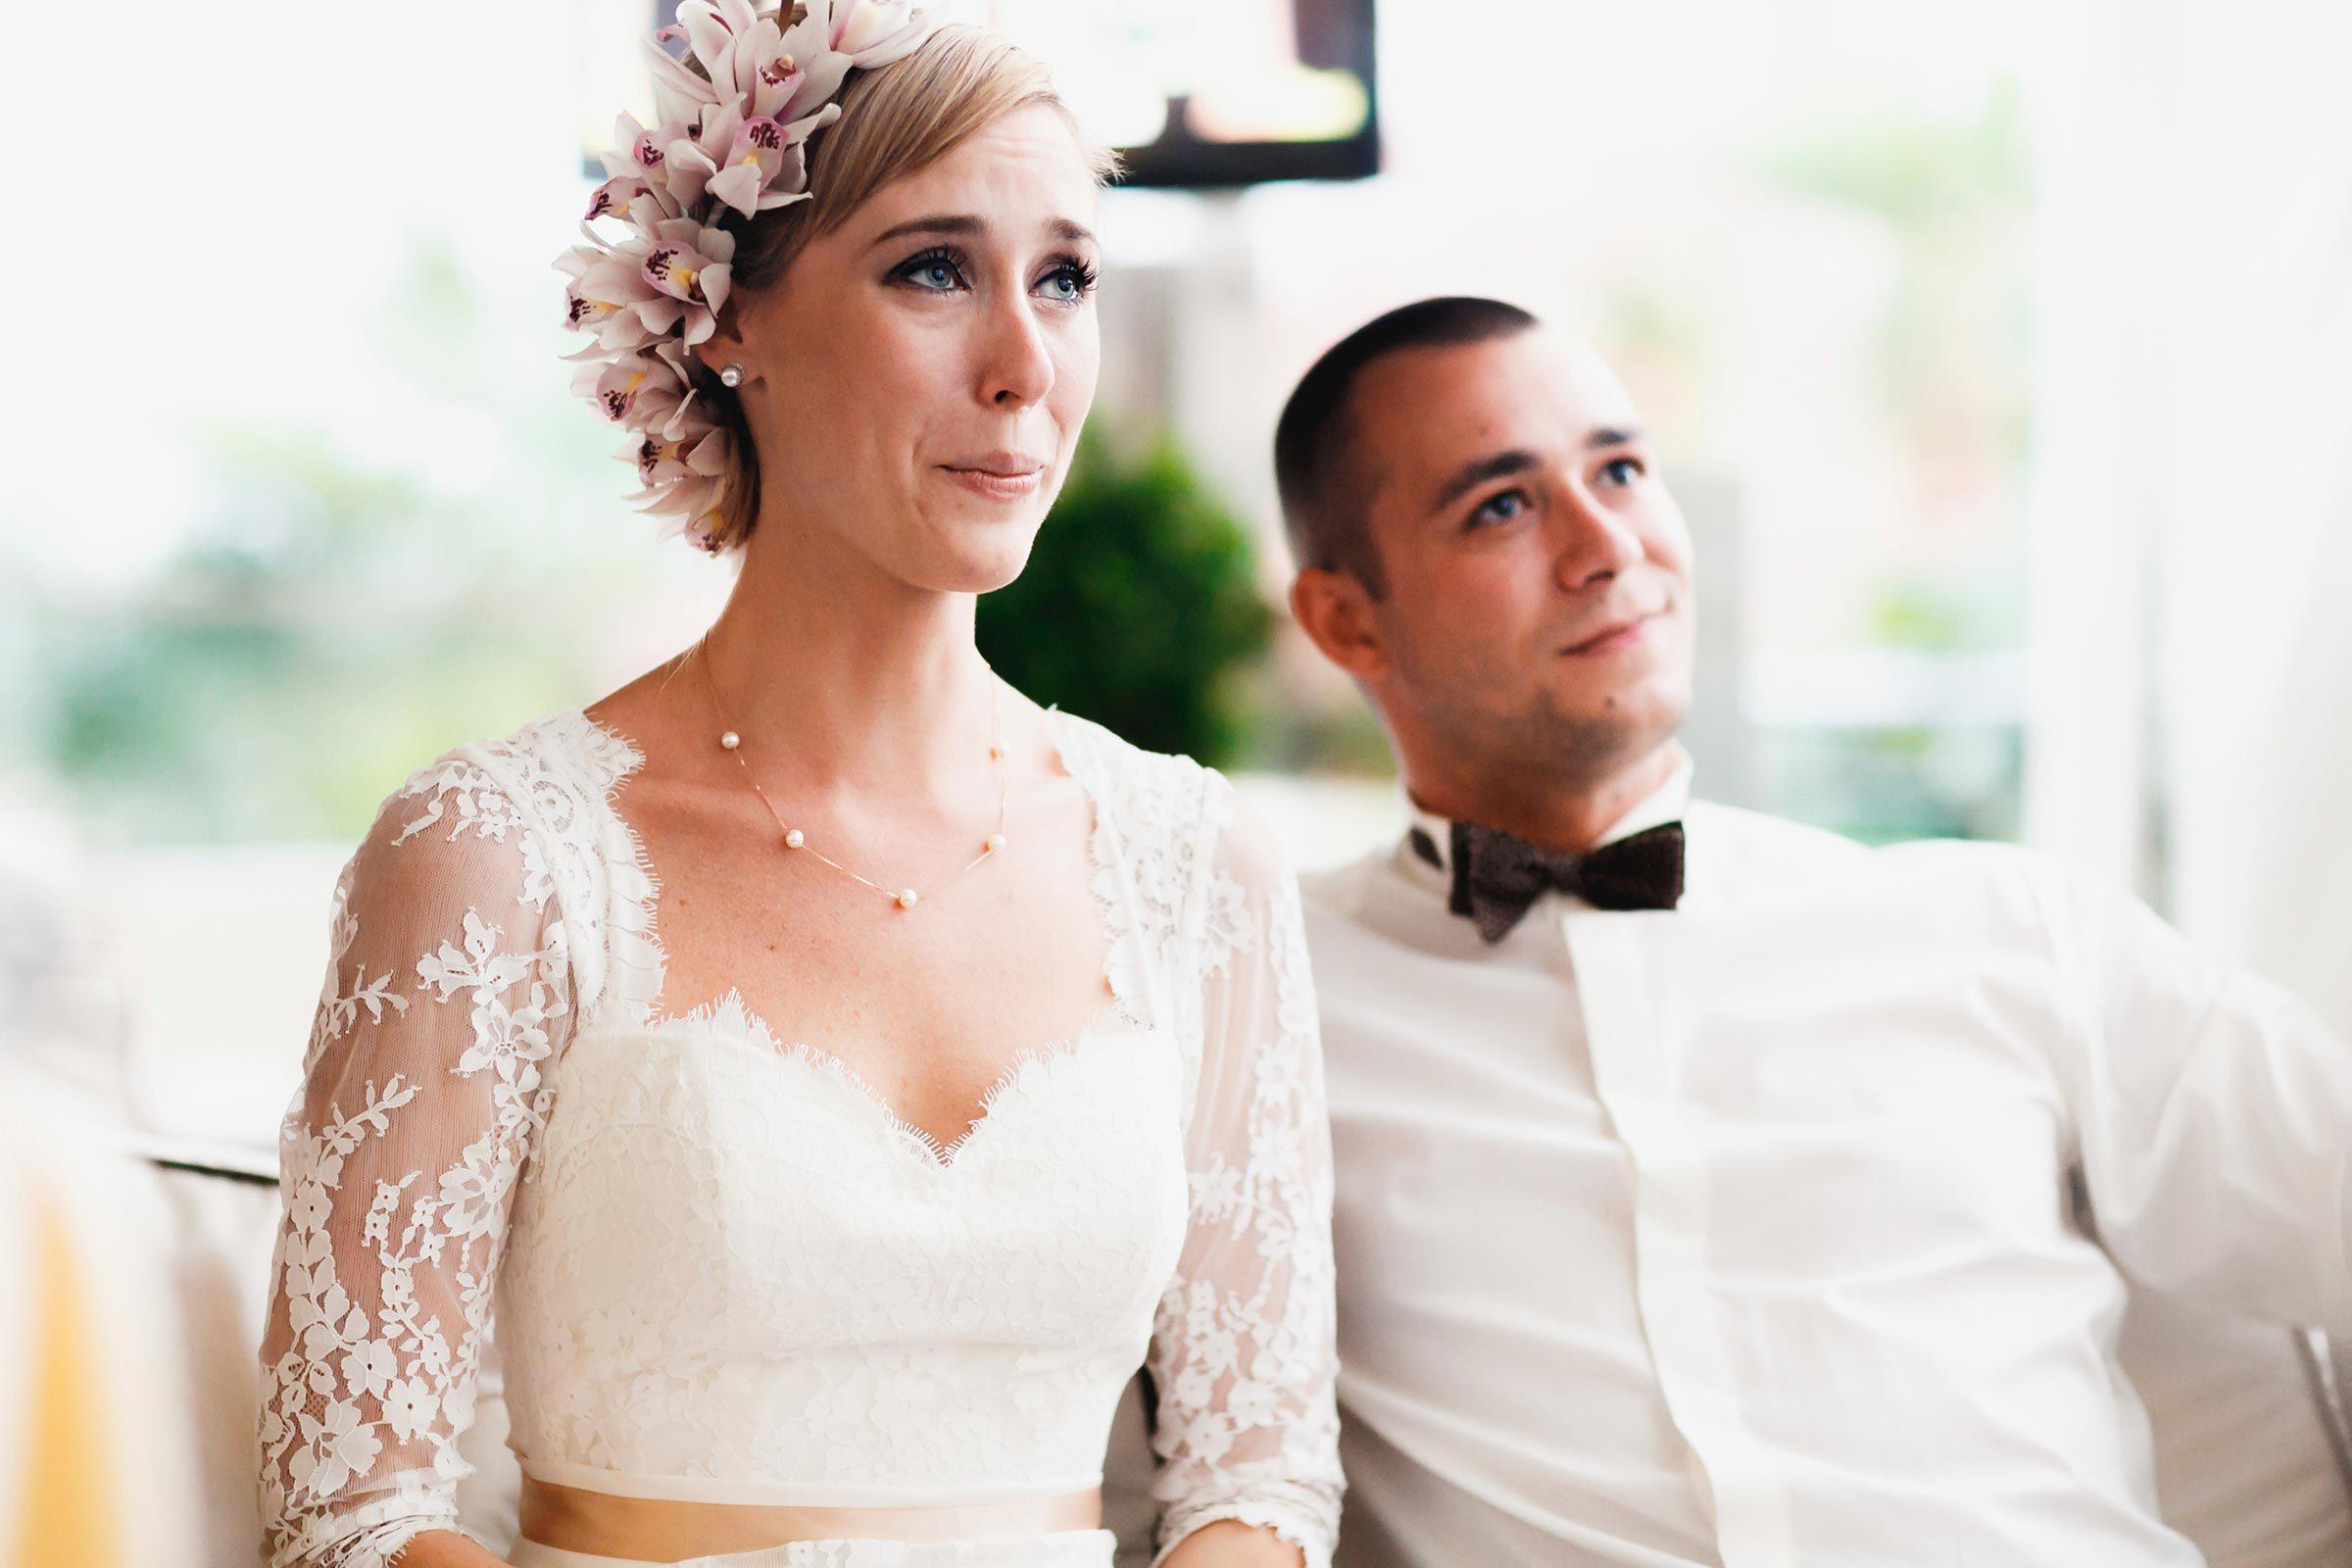 I still cry at weddings